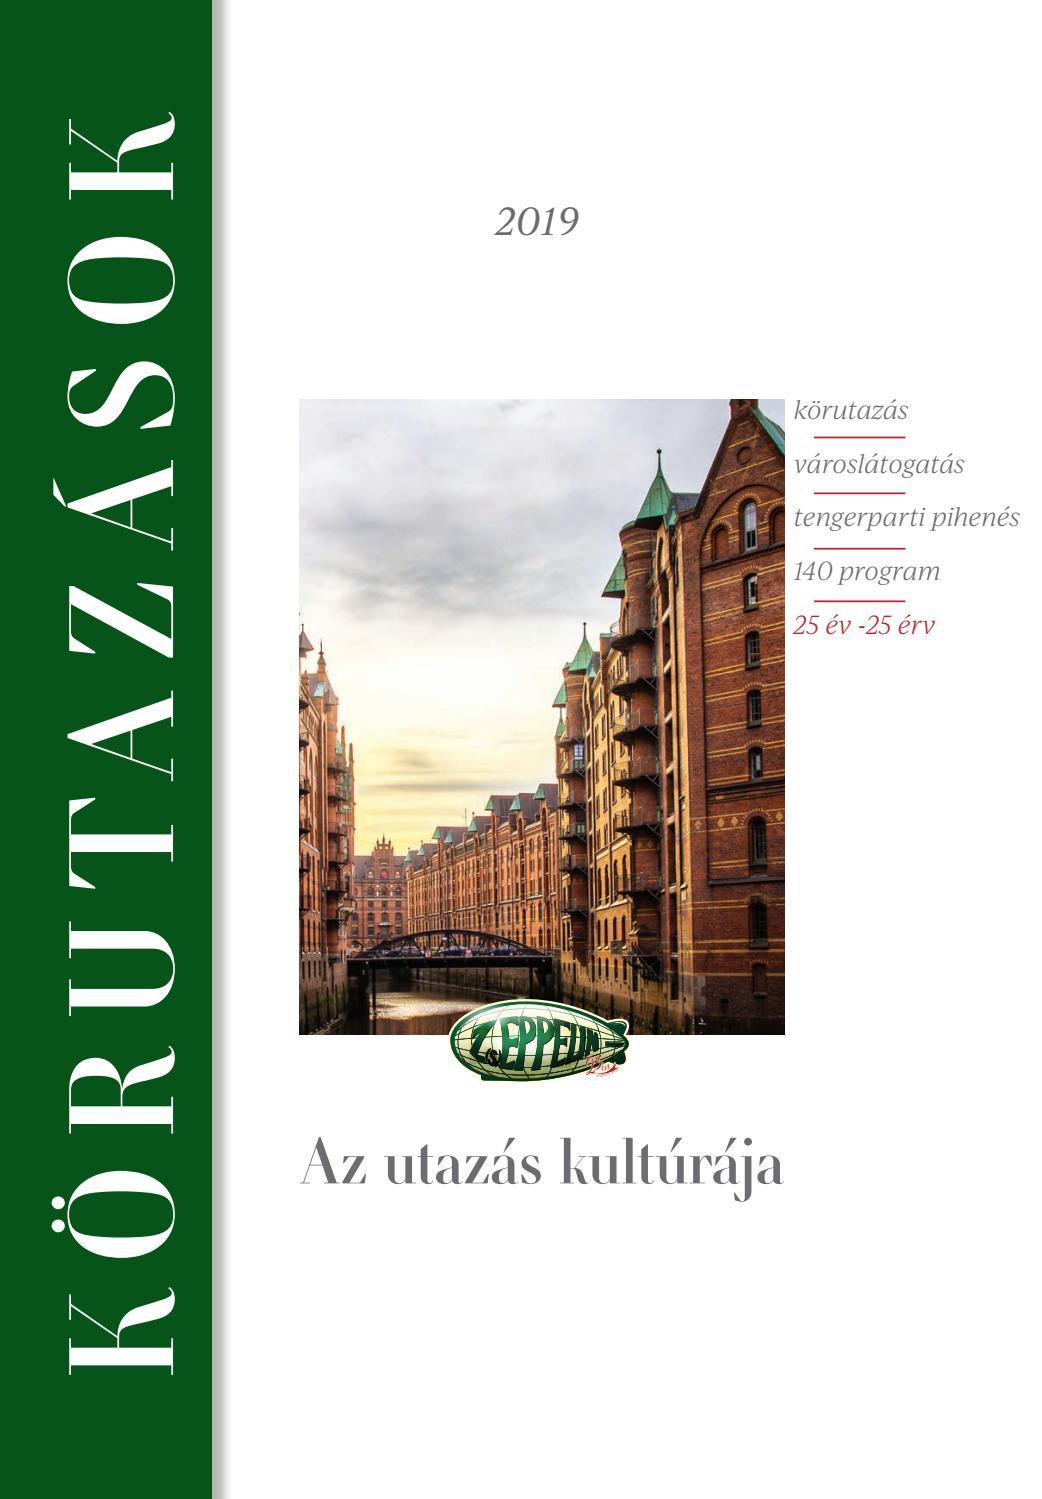 Nógrád Megyei Hírlap, július ( évfolyam, szám) | Könyvtár | Hungaricana